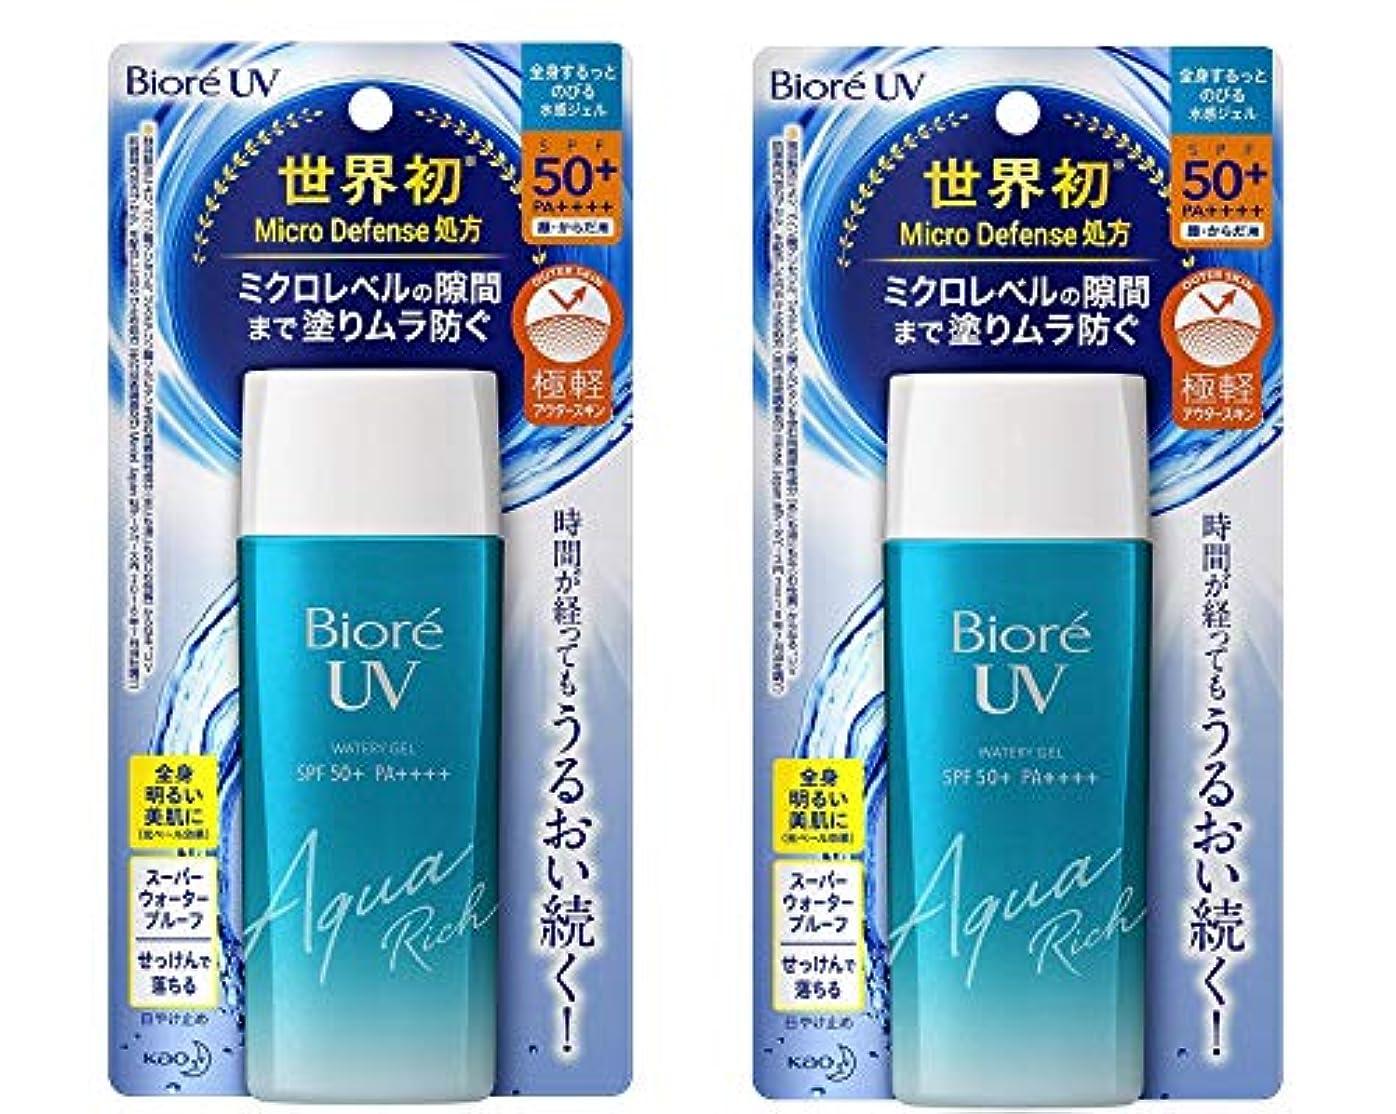 系譜ほとんどないブランチ【まとめ販売2個セット】ビオレ UV アクアリッチ ウォータリージェル SPF50+